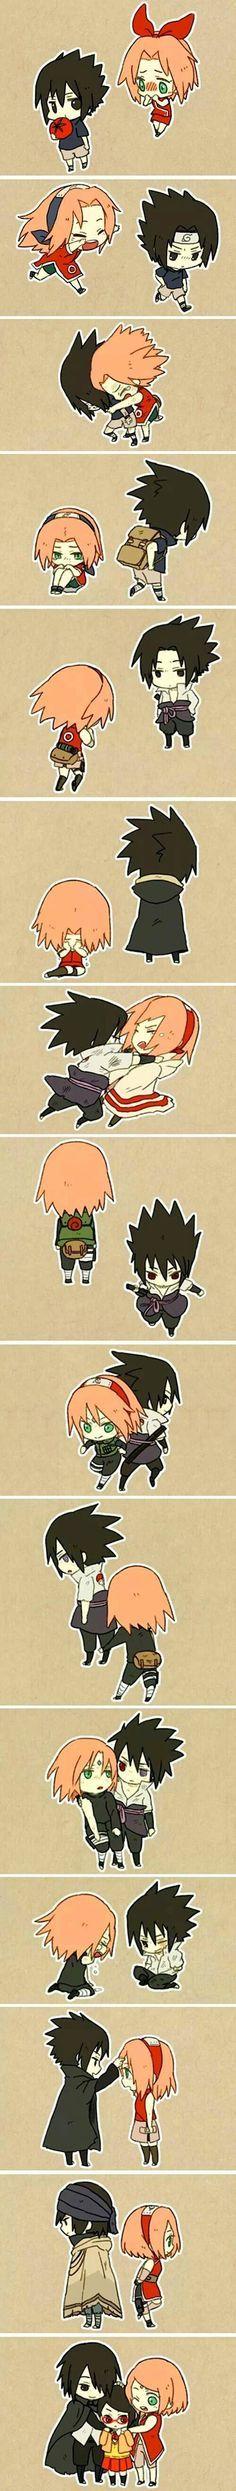 La pequeña historia entre Sasuke & Sakura